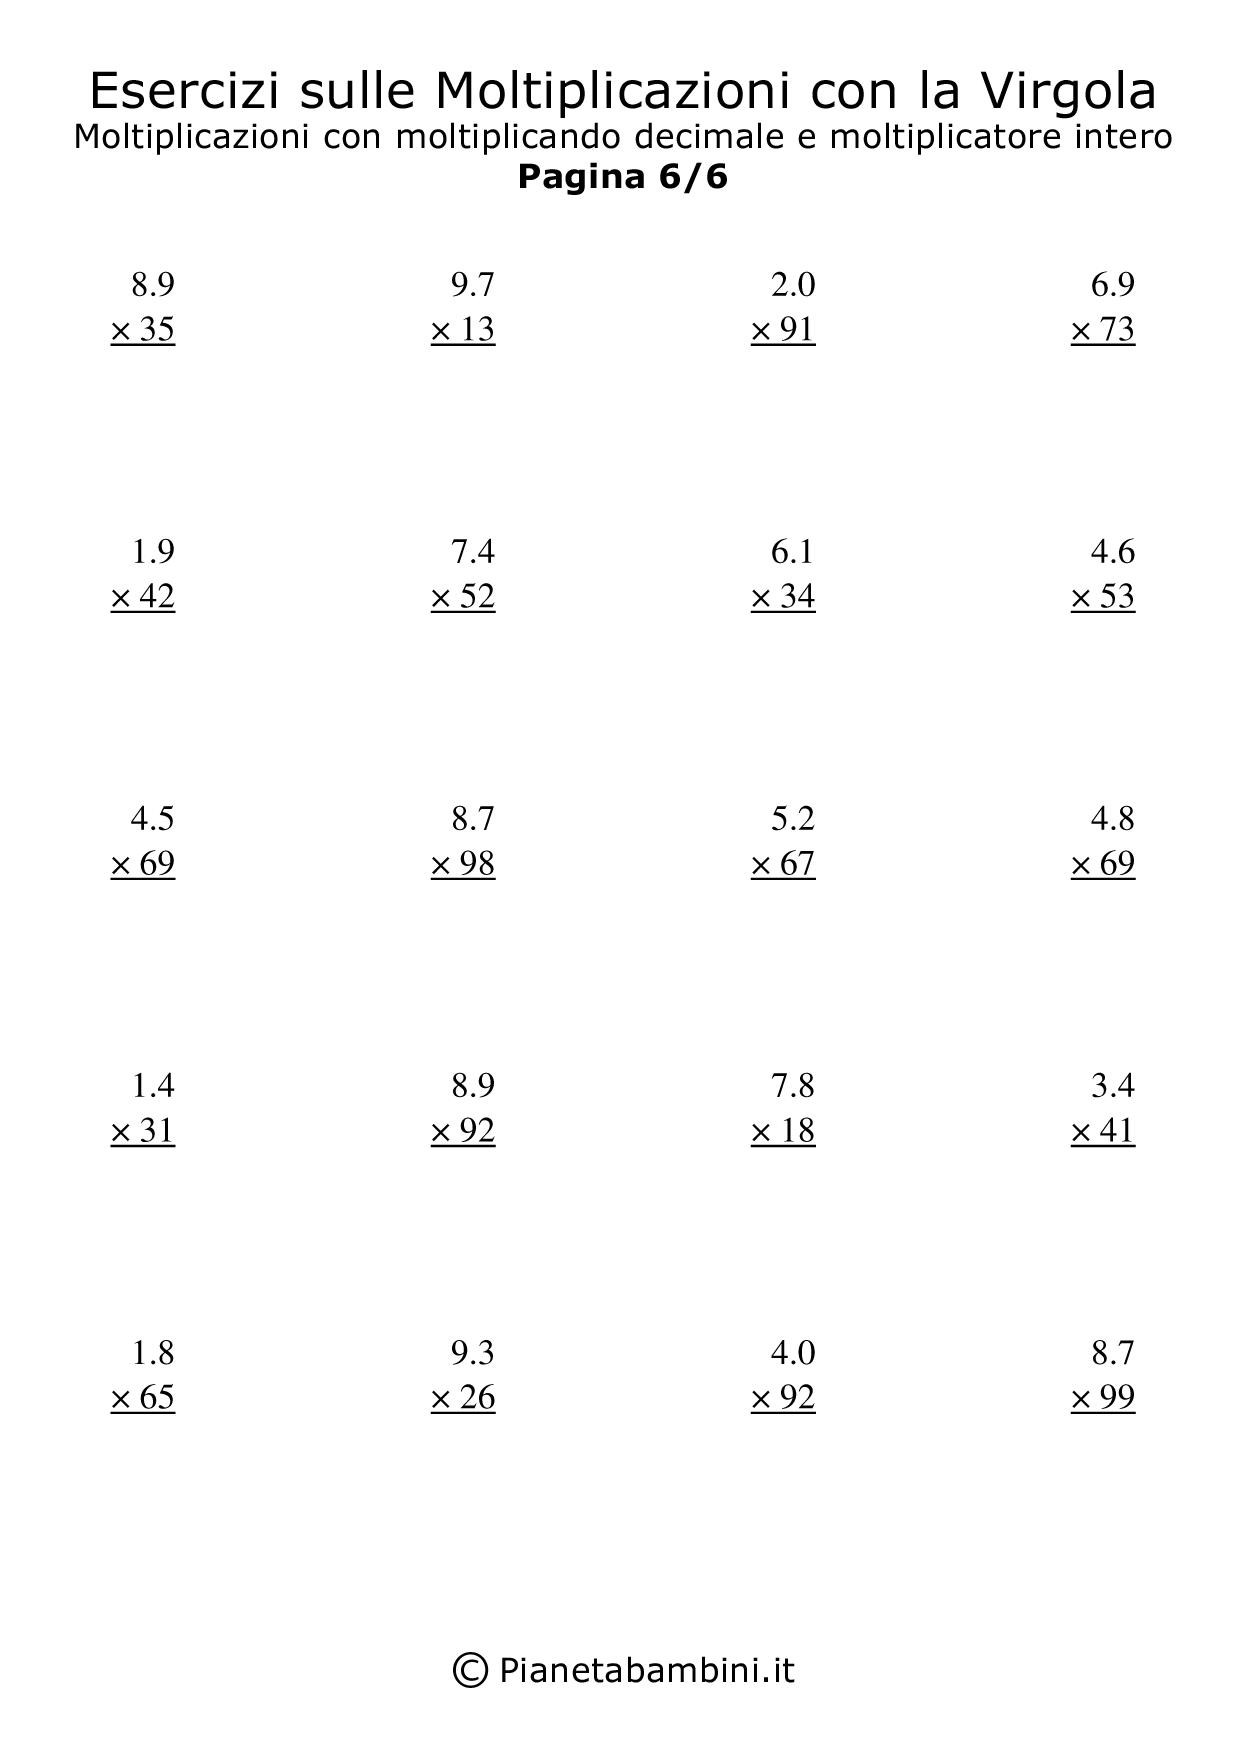 Moltiplicazioni-Virgola-Decimale-X-Intero_6